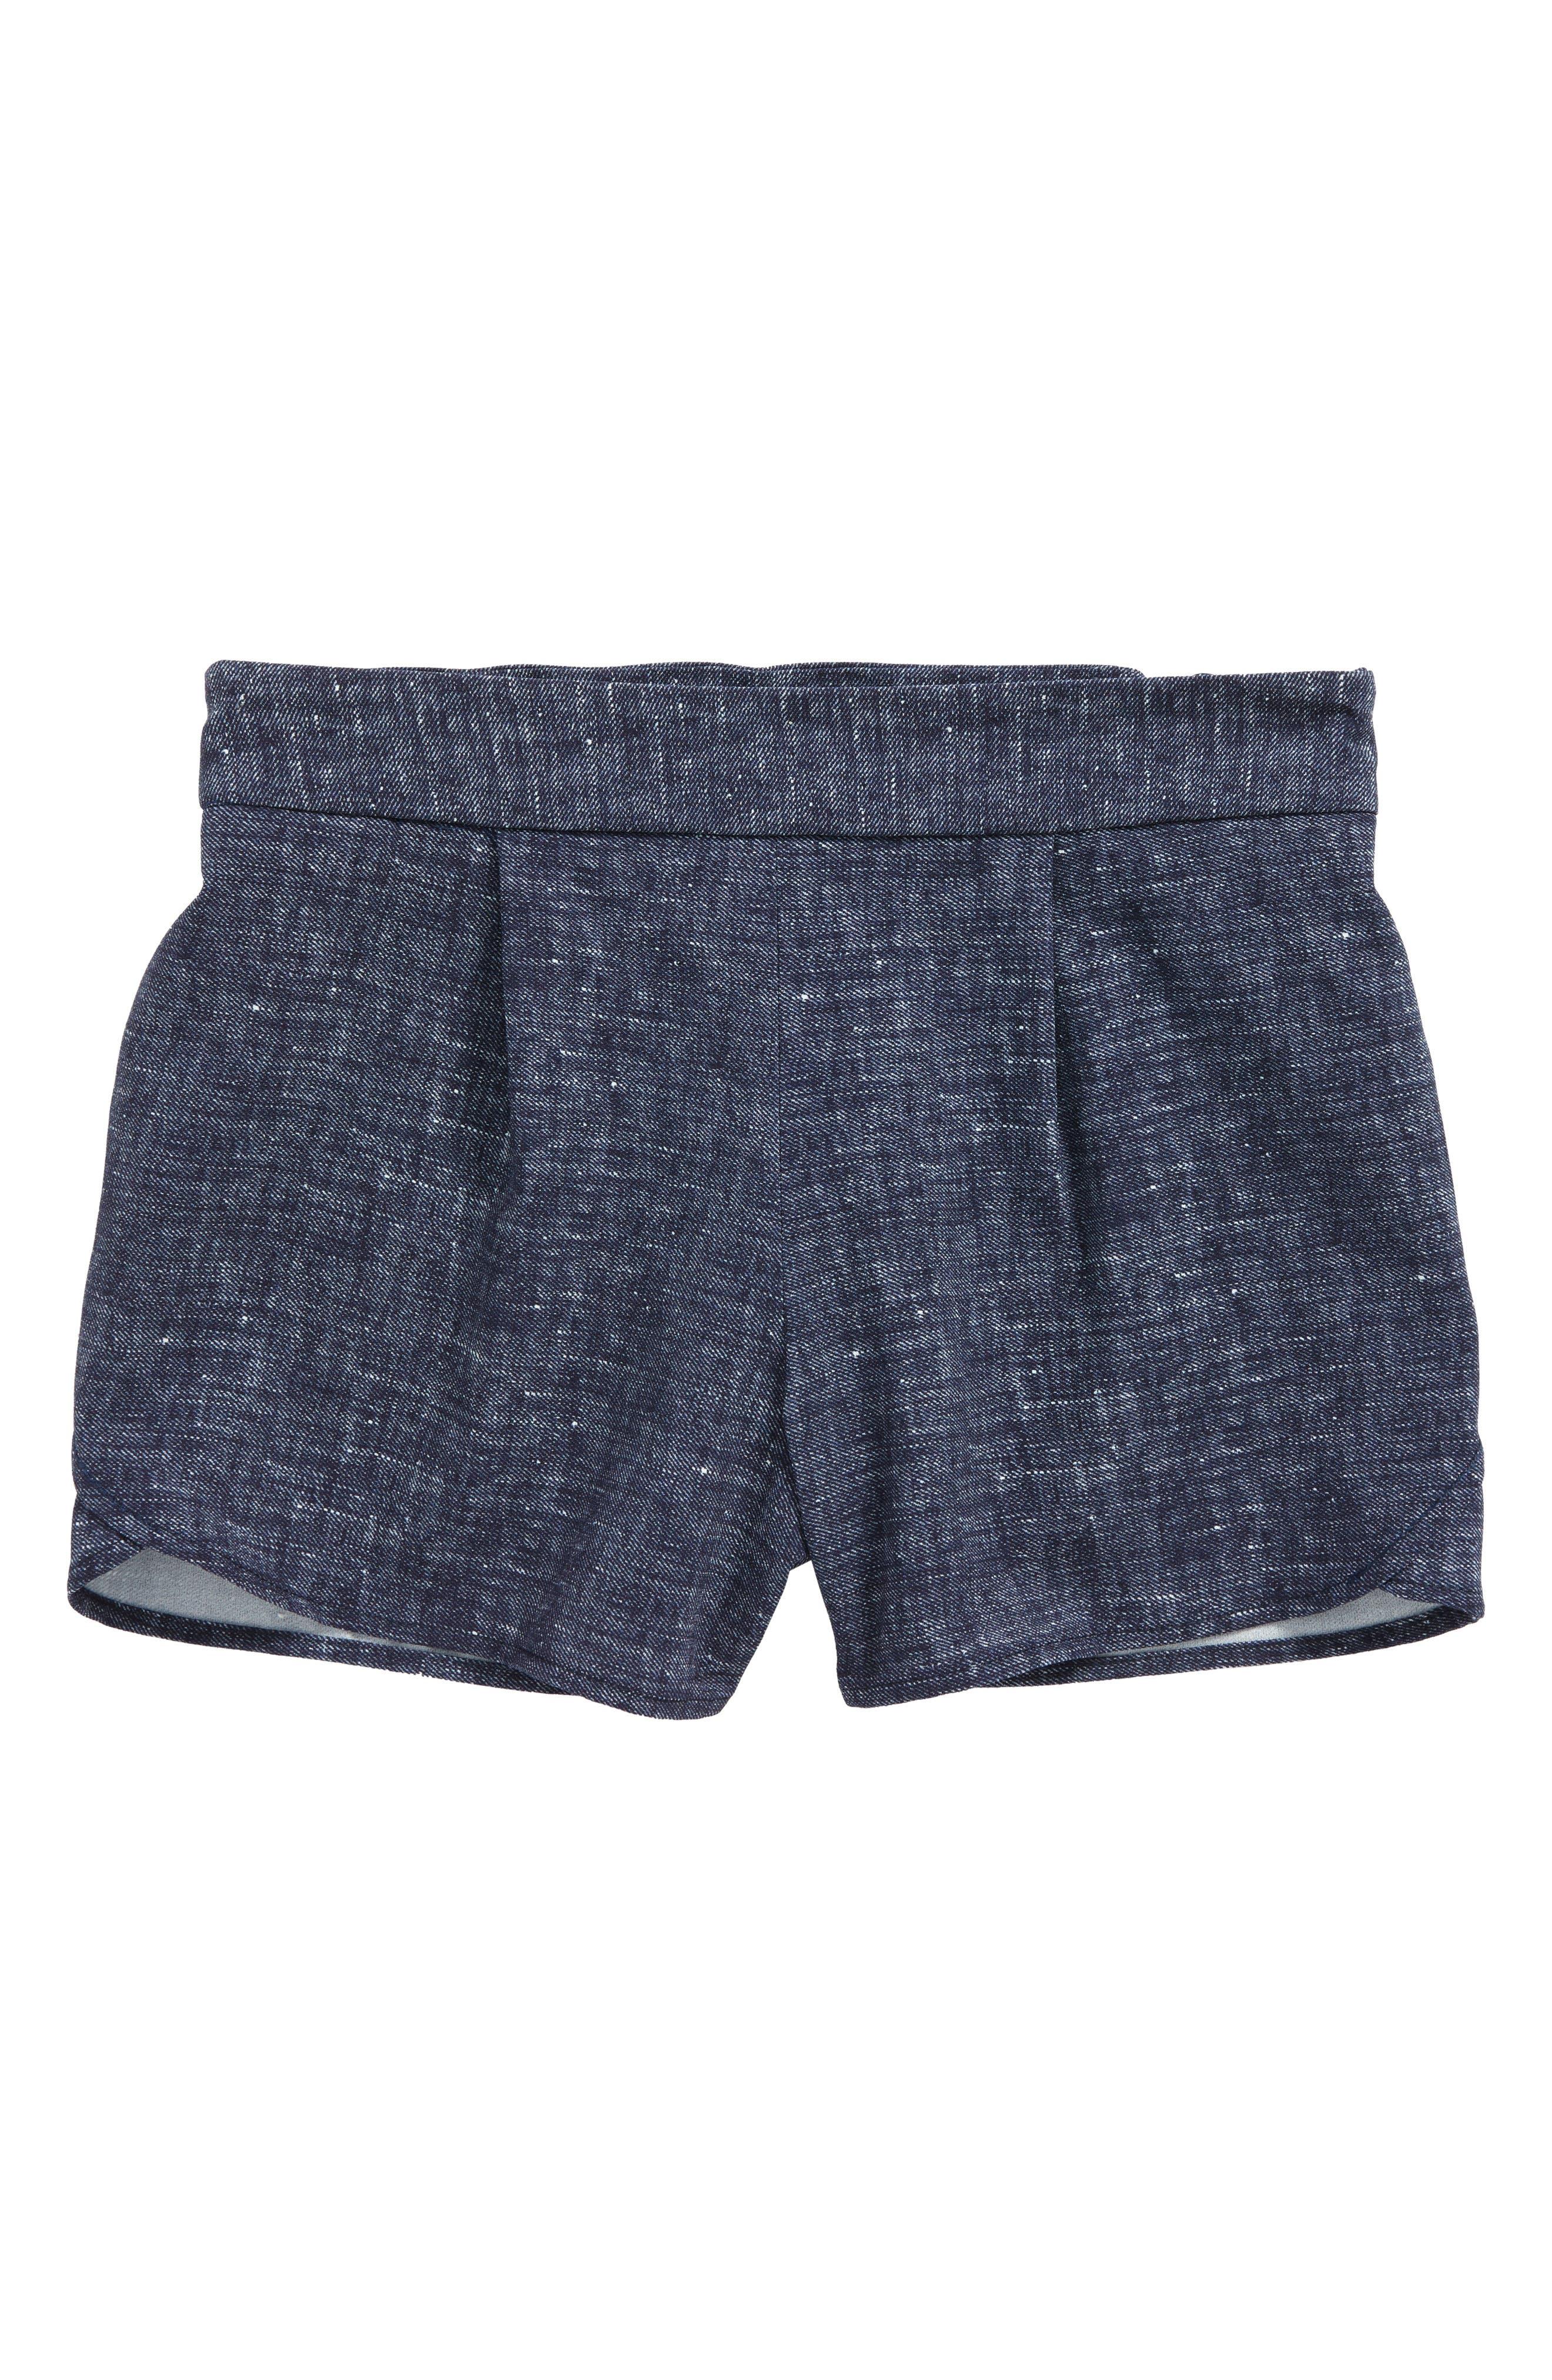 Petal Shorts,                             Main thumbnail 1, color,                             464